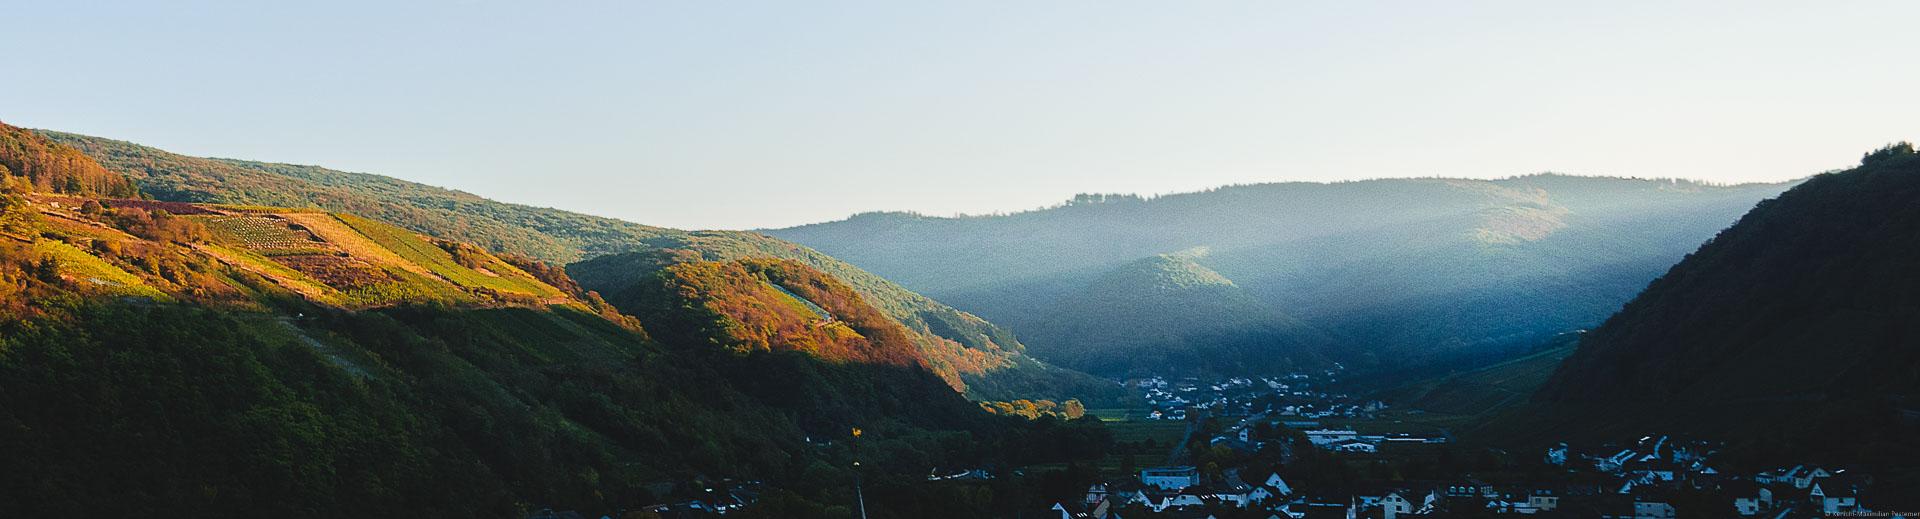 Sonnenstrahlen strahlen Abends seitlich in das Ahrtal auf den Weinberg Dernauer Goldkaul. Im Hintergrund erblickt man den Ort Rech. Die Hügel an beiden Seiten des Tales sind bewaldet.